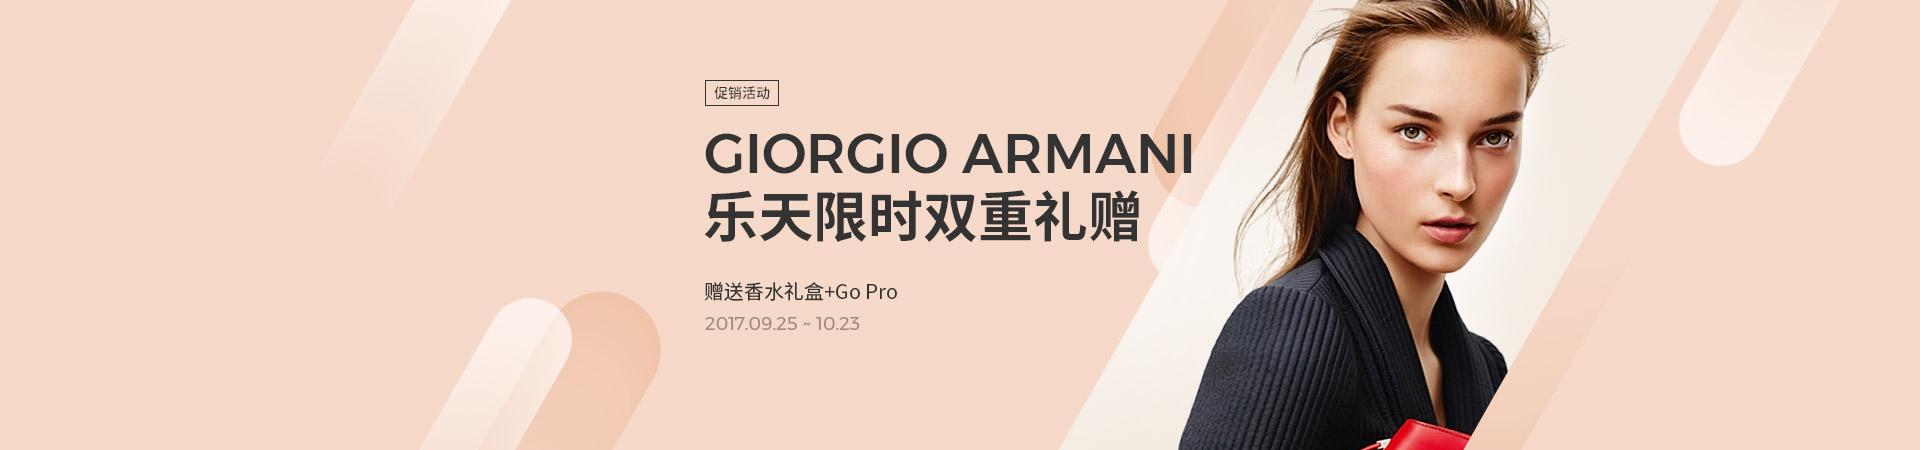 GIORGIO ARMANI 乐天限时礼赠